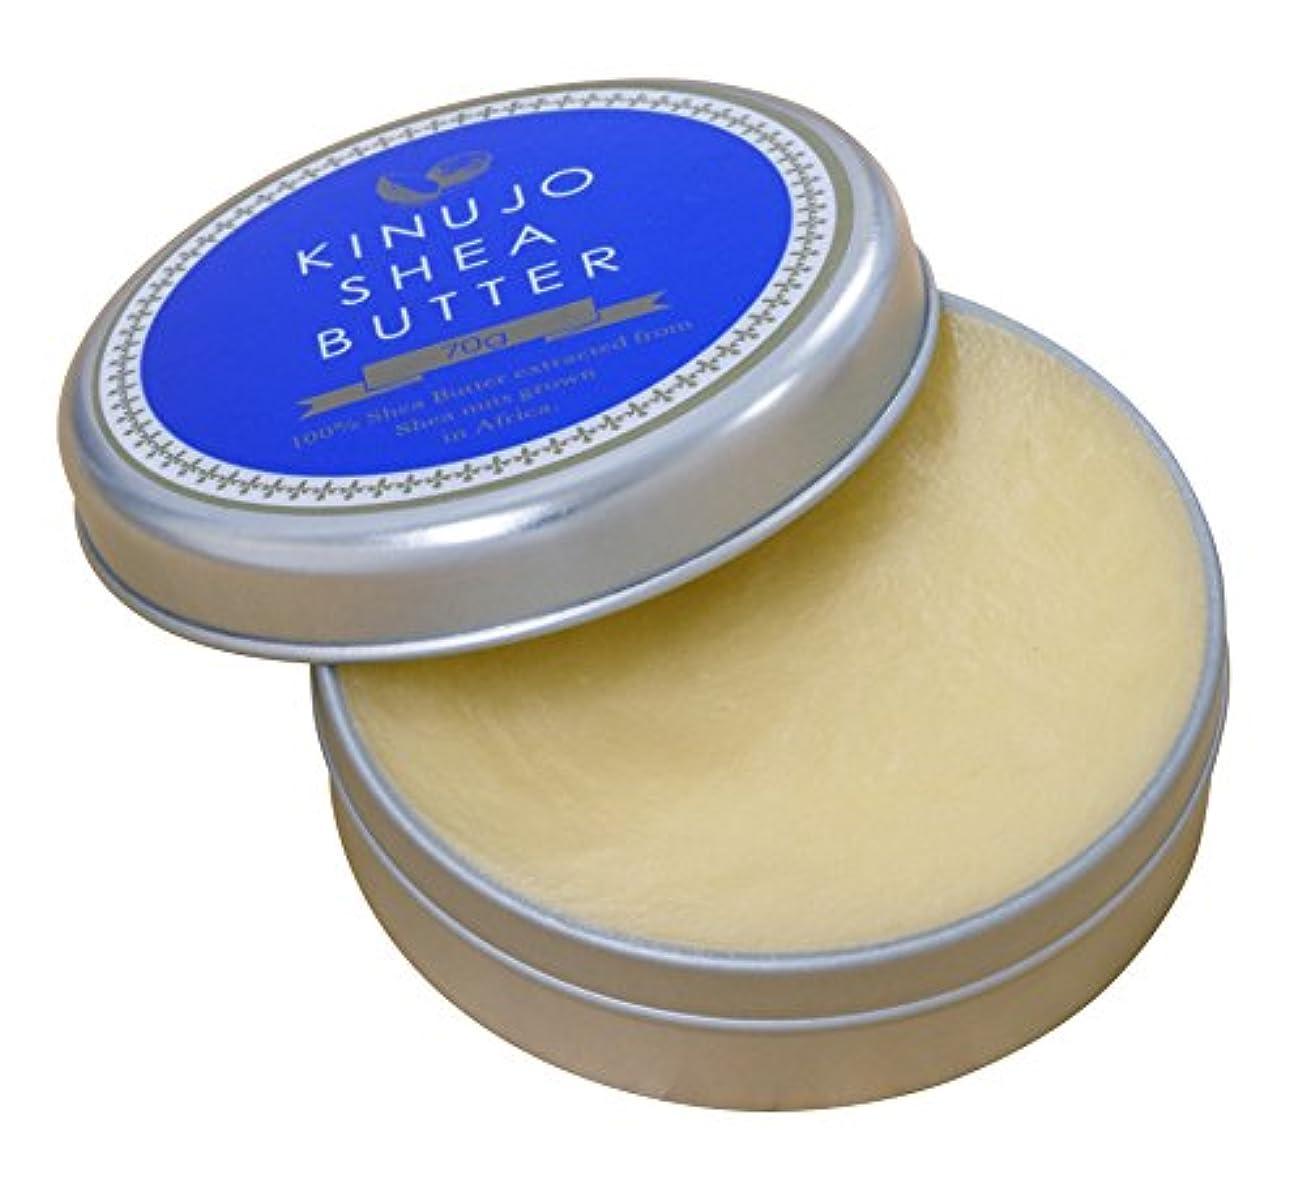 代数言語学形成KINUJO SHEA BUTTER 70g(キヌージョシアバター)ガーナ産未精製100%天然由来?無添加?植物性